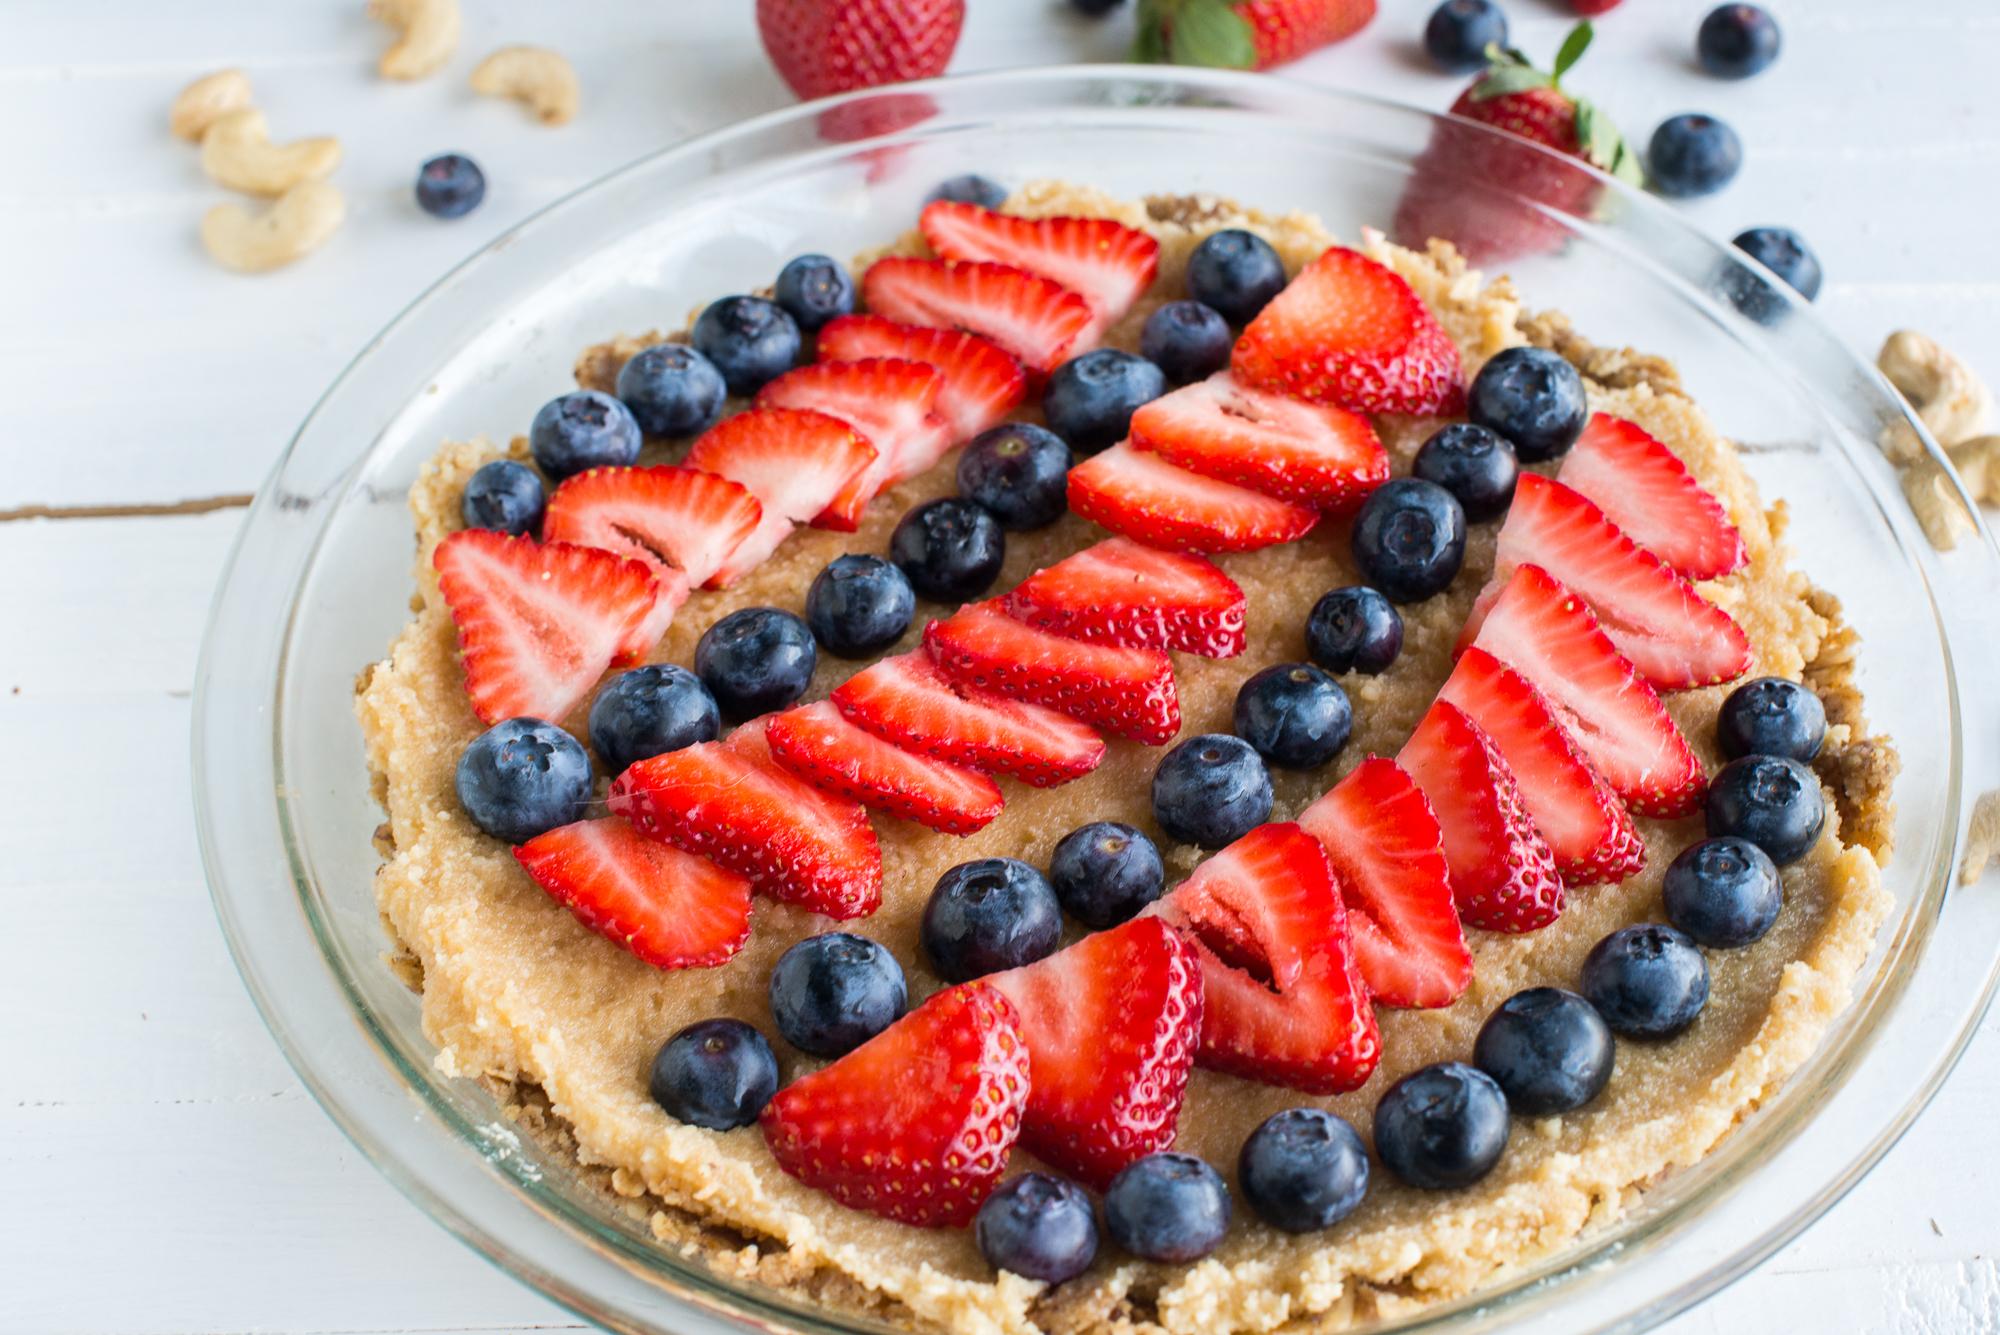 Coconut Cashew Cream Berry Tart (Gluten Free, Dairy Free, Vegan, Raw)